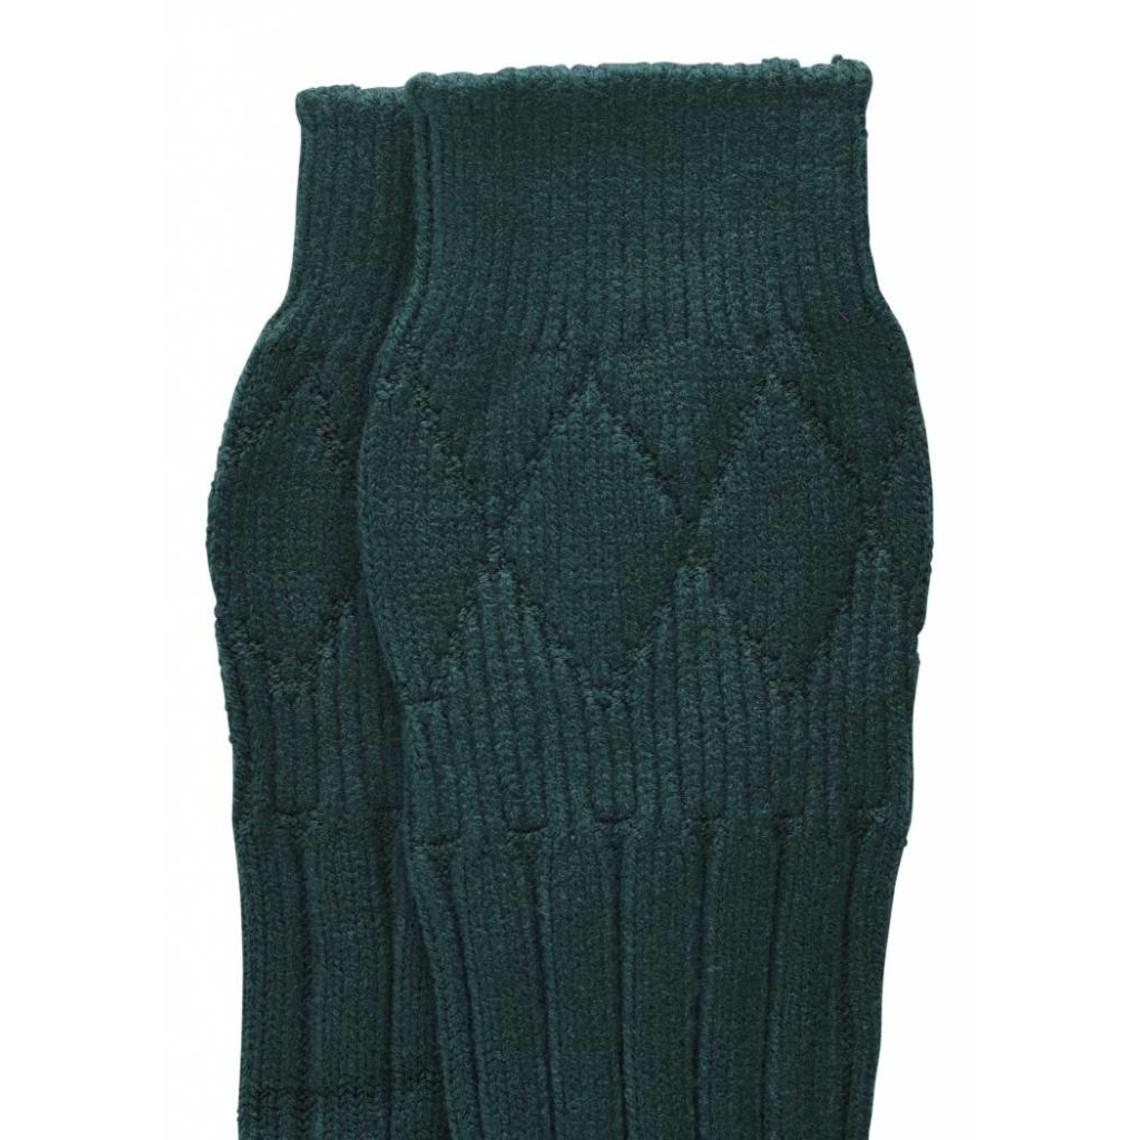 Calcetines para la falda, verde oscuro.